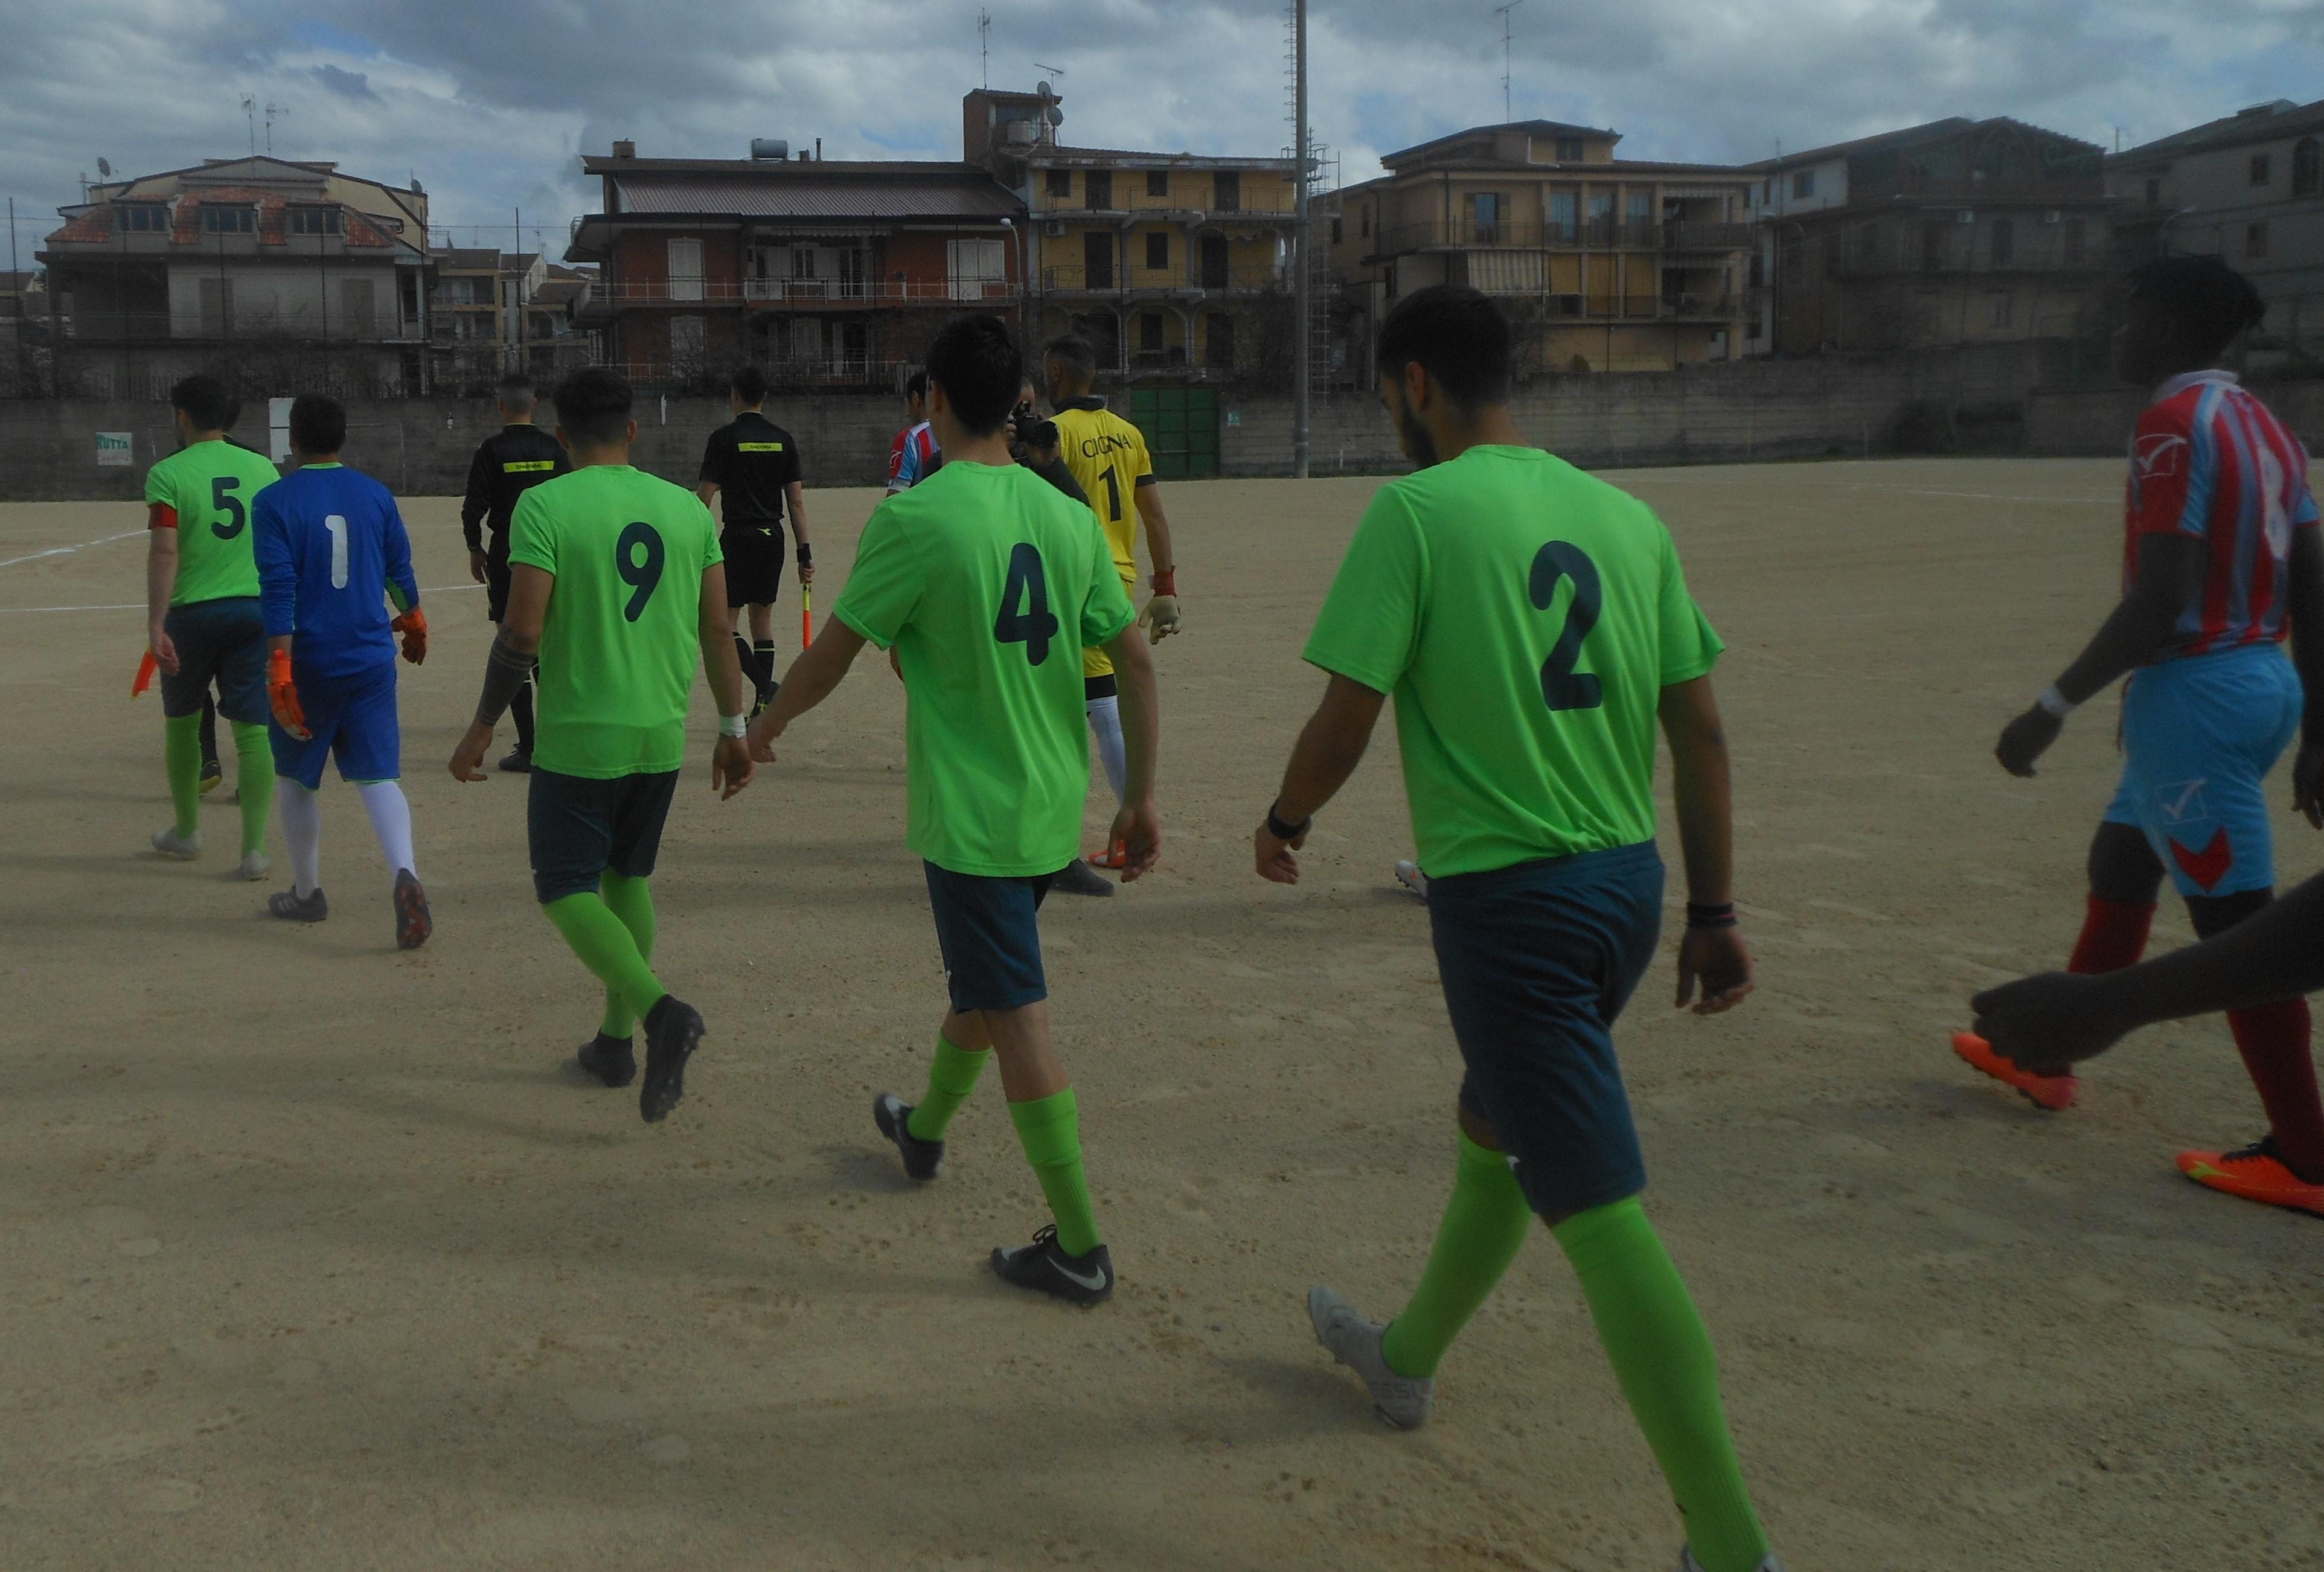 Calcio, Promozione: il Modica chiude con una sconfitta a suon di gol a Barrafranca